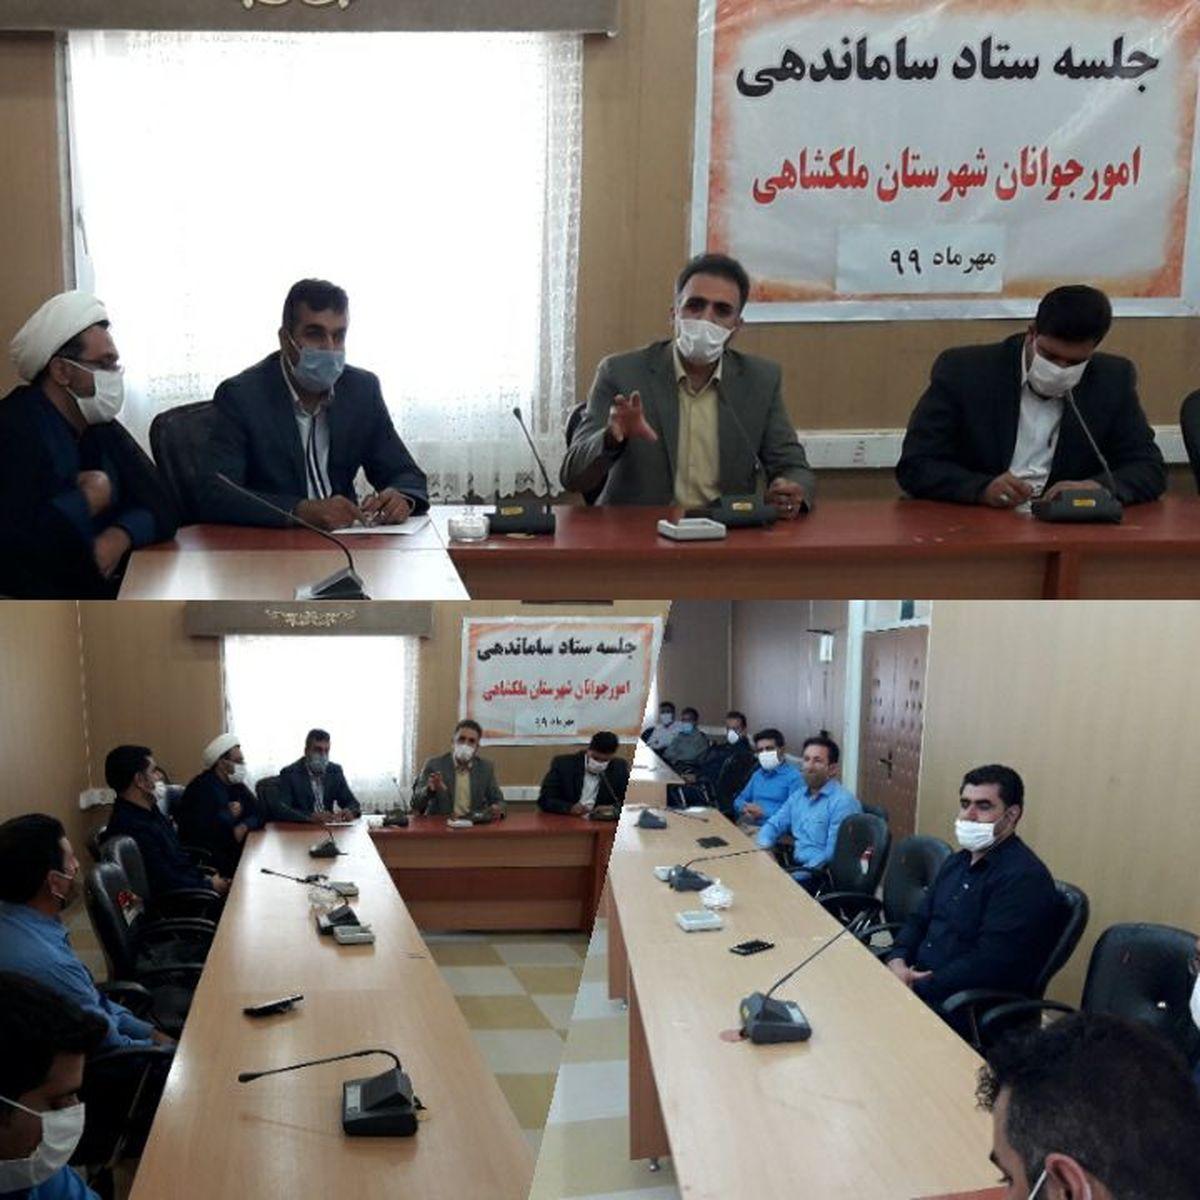 برگزاری جلسه ستاد ساماندهی و امورجوانان شهرستان ملکشاهی/ راه اندازی پاتوقهای مهارت آموزی جوانان